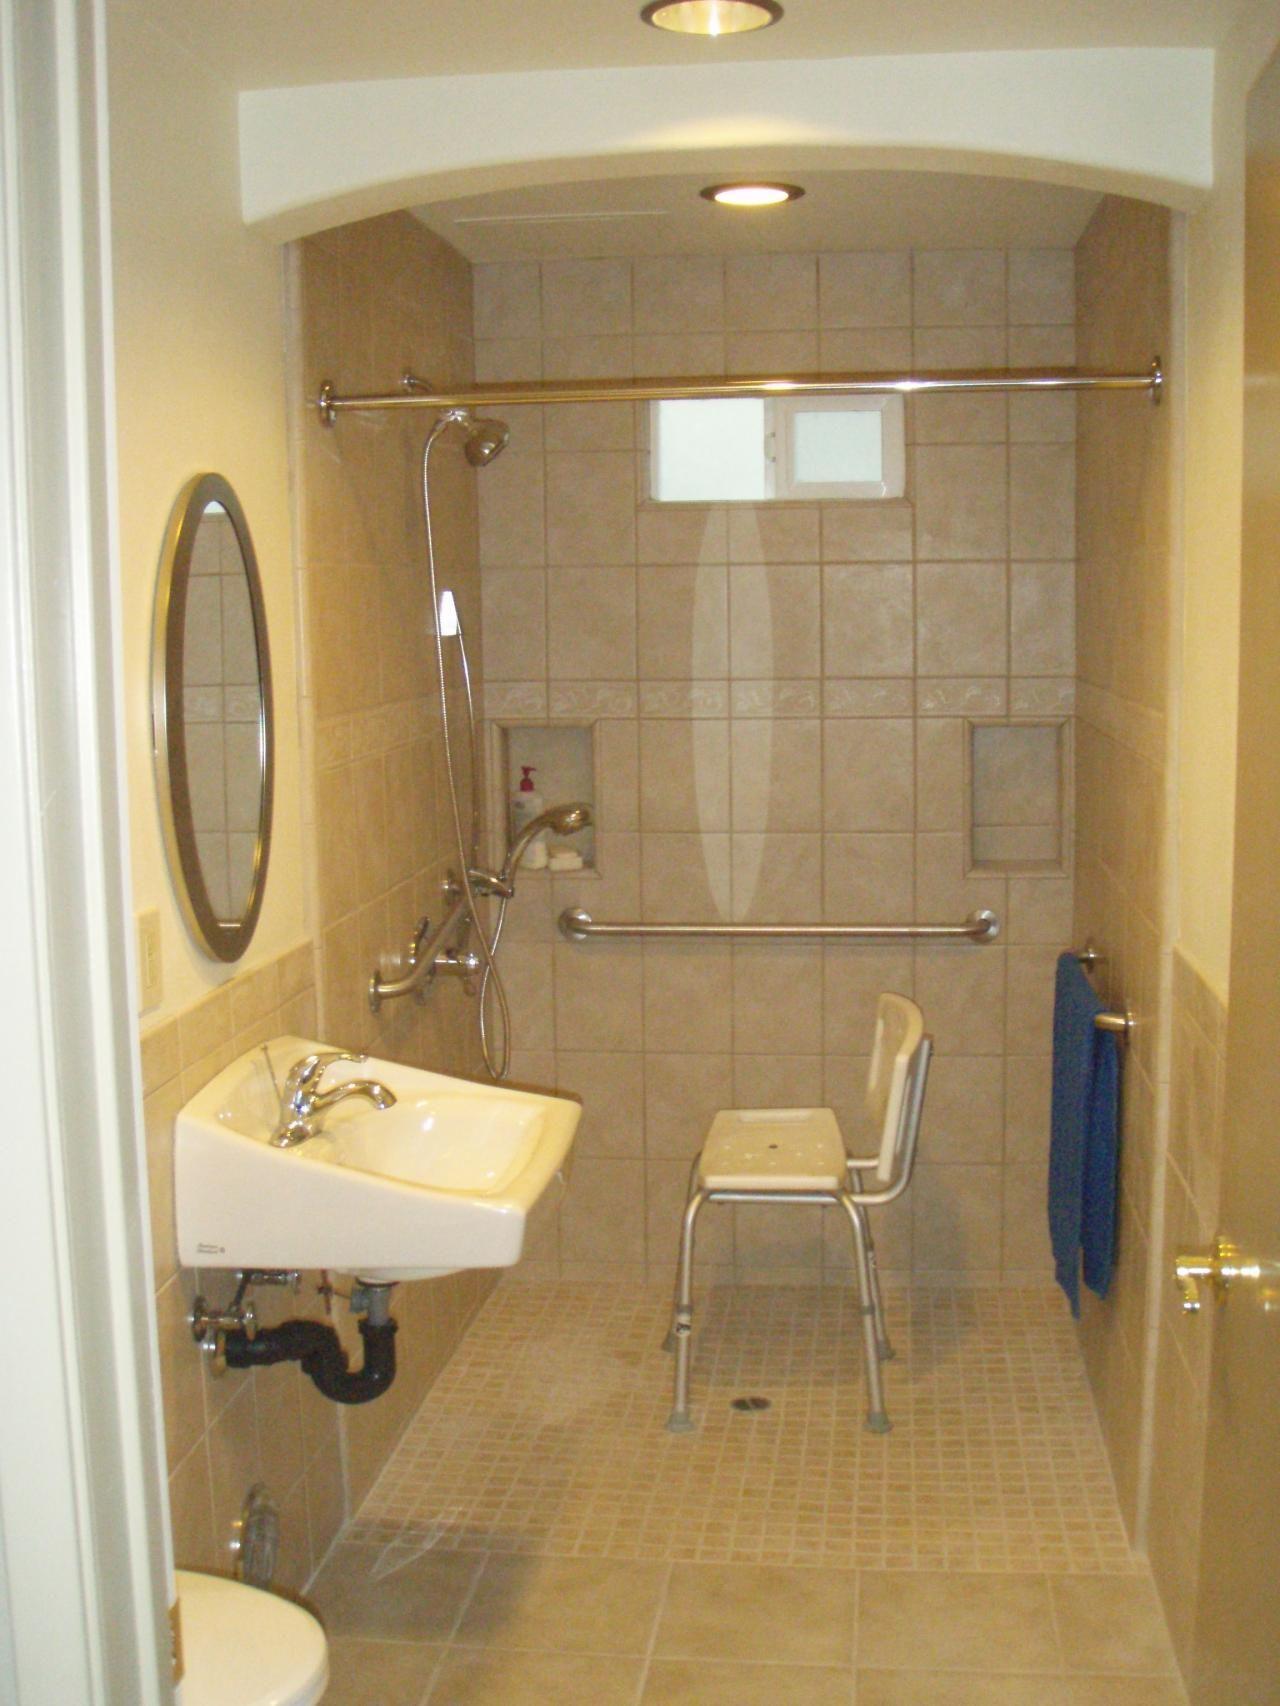 Best Kitchen Gallery: Bathroom Remodels For Handicapped Handicapped Bathroom Ms of Handicap Bathroom Design  on rachelxblog.com